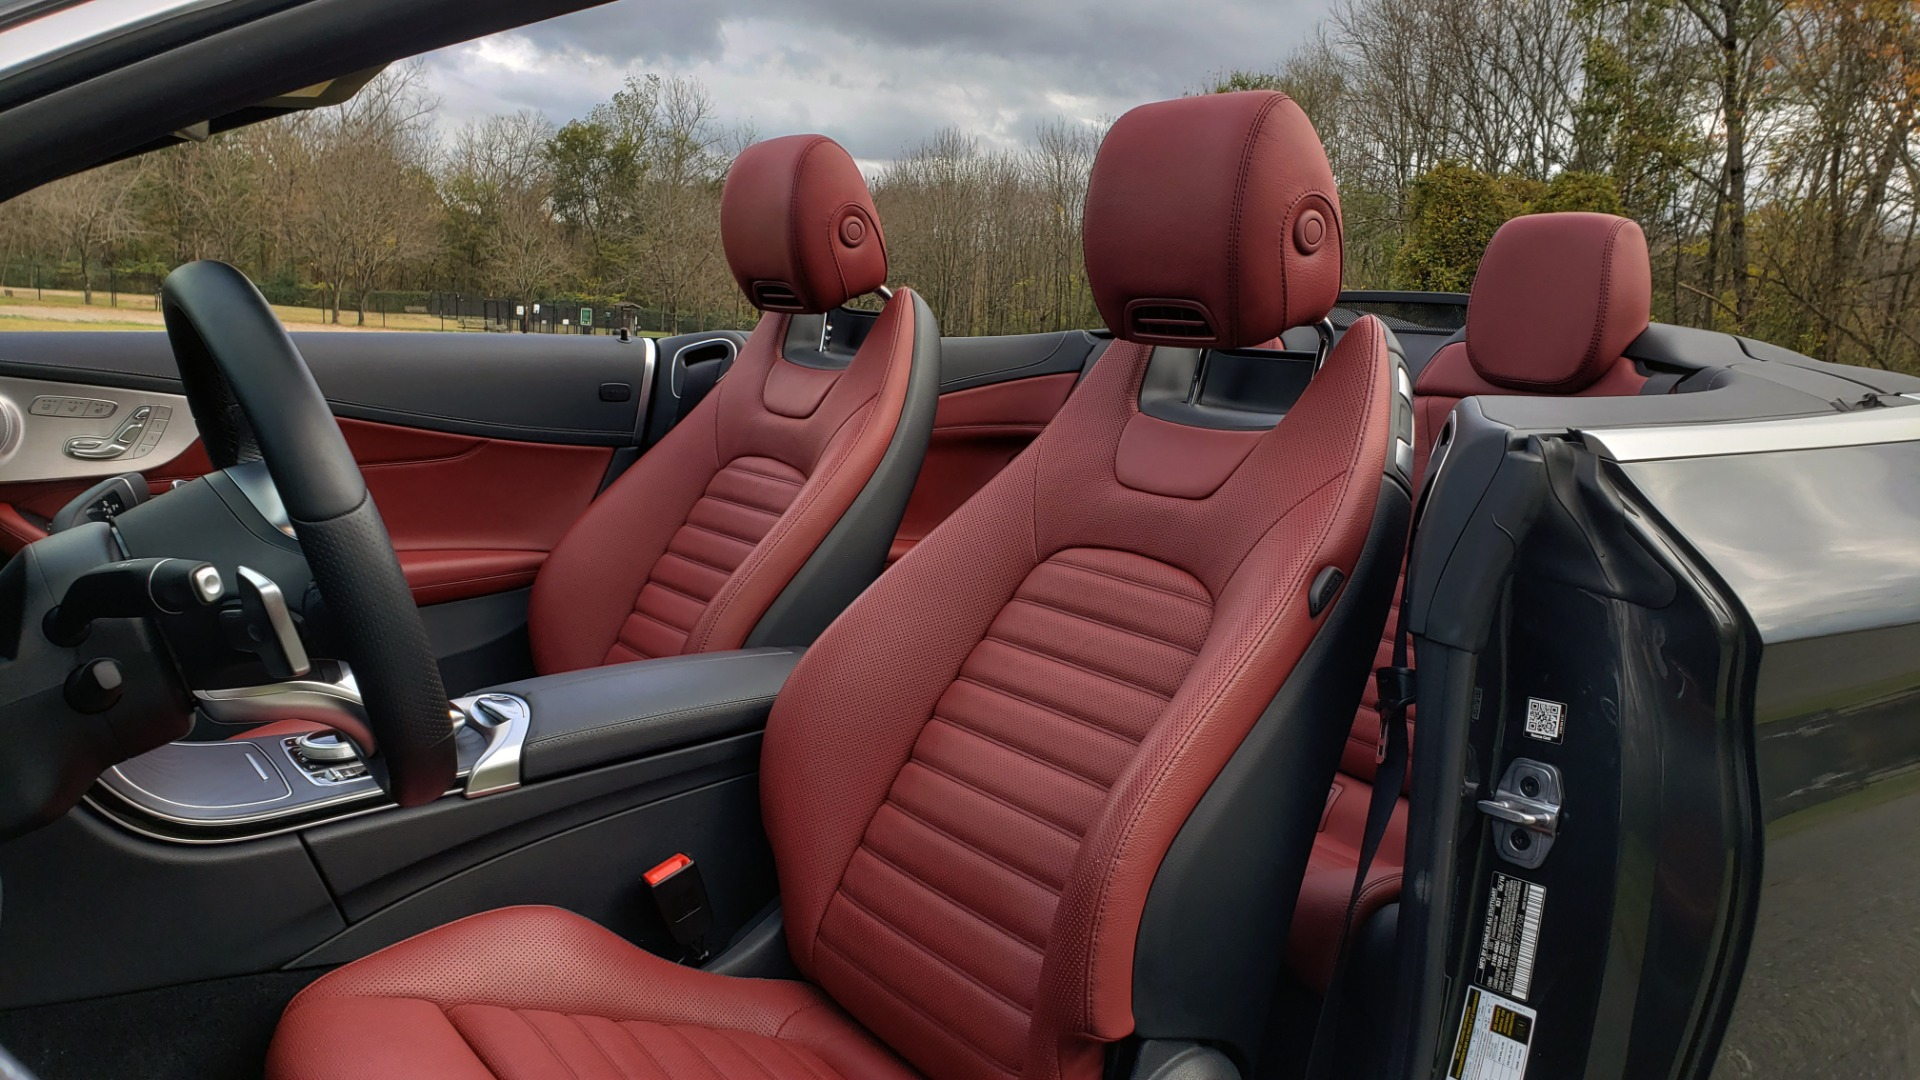 Used 2019 Mercedes-Benz C-CLASS C 300 CABRIOLET / PREM PKG / NAV / BURMESTER / MULTIMEDIA for sale Sold at Formula Imports in Charlotte NC 28227 32